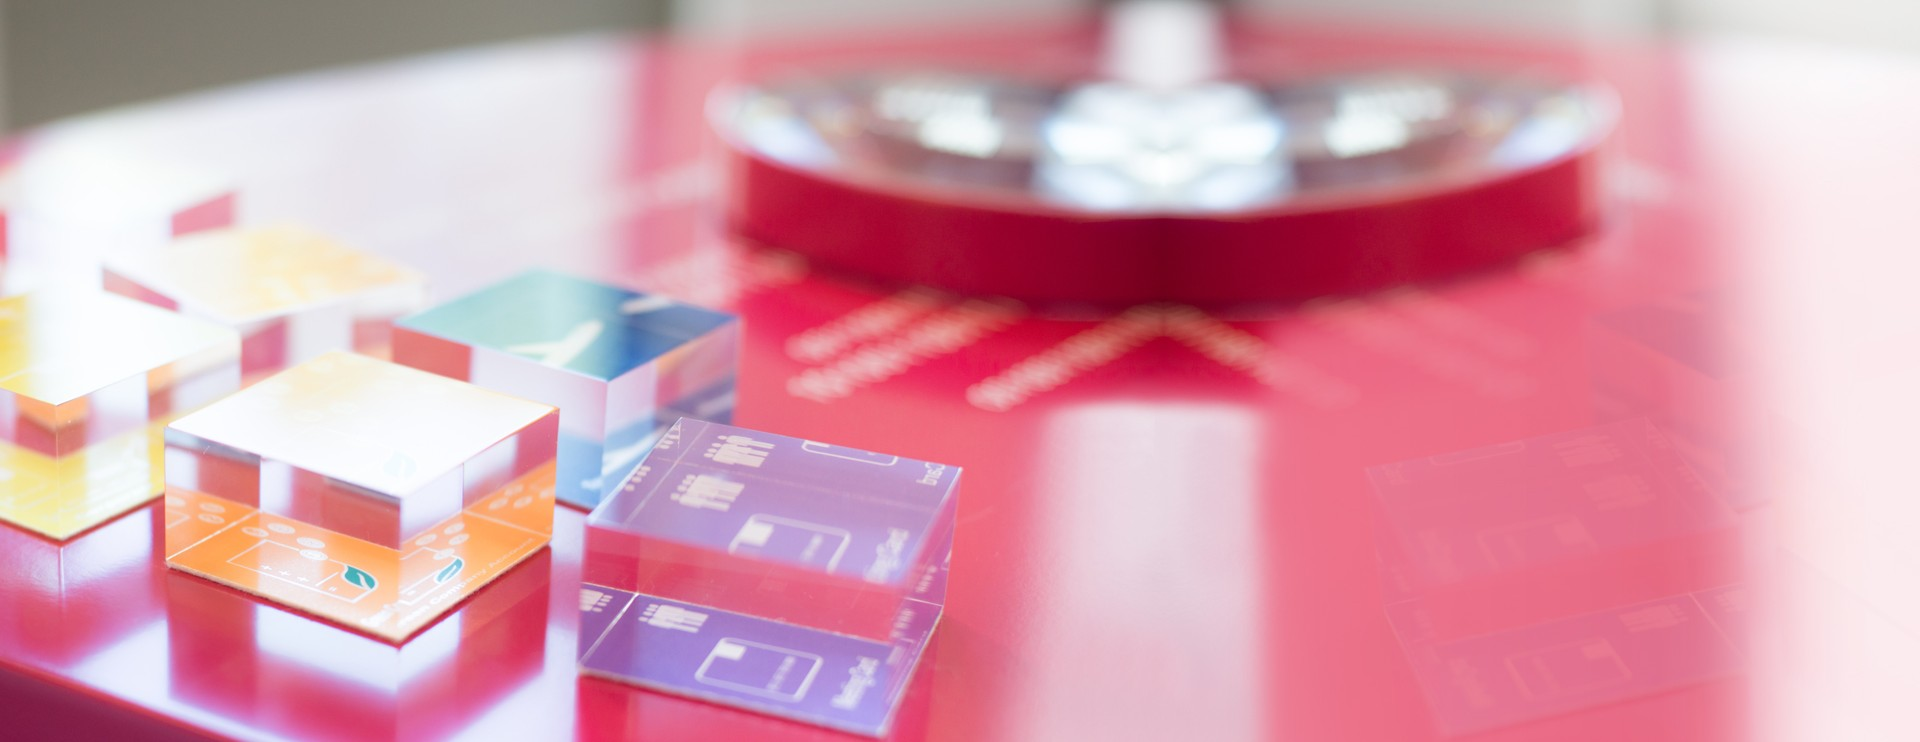 Tavolo con prodotti AirPlus